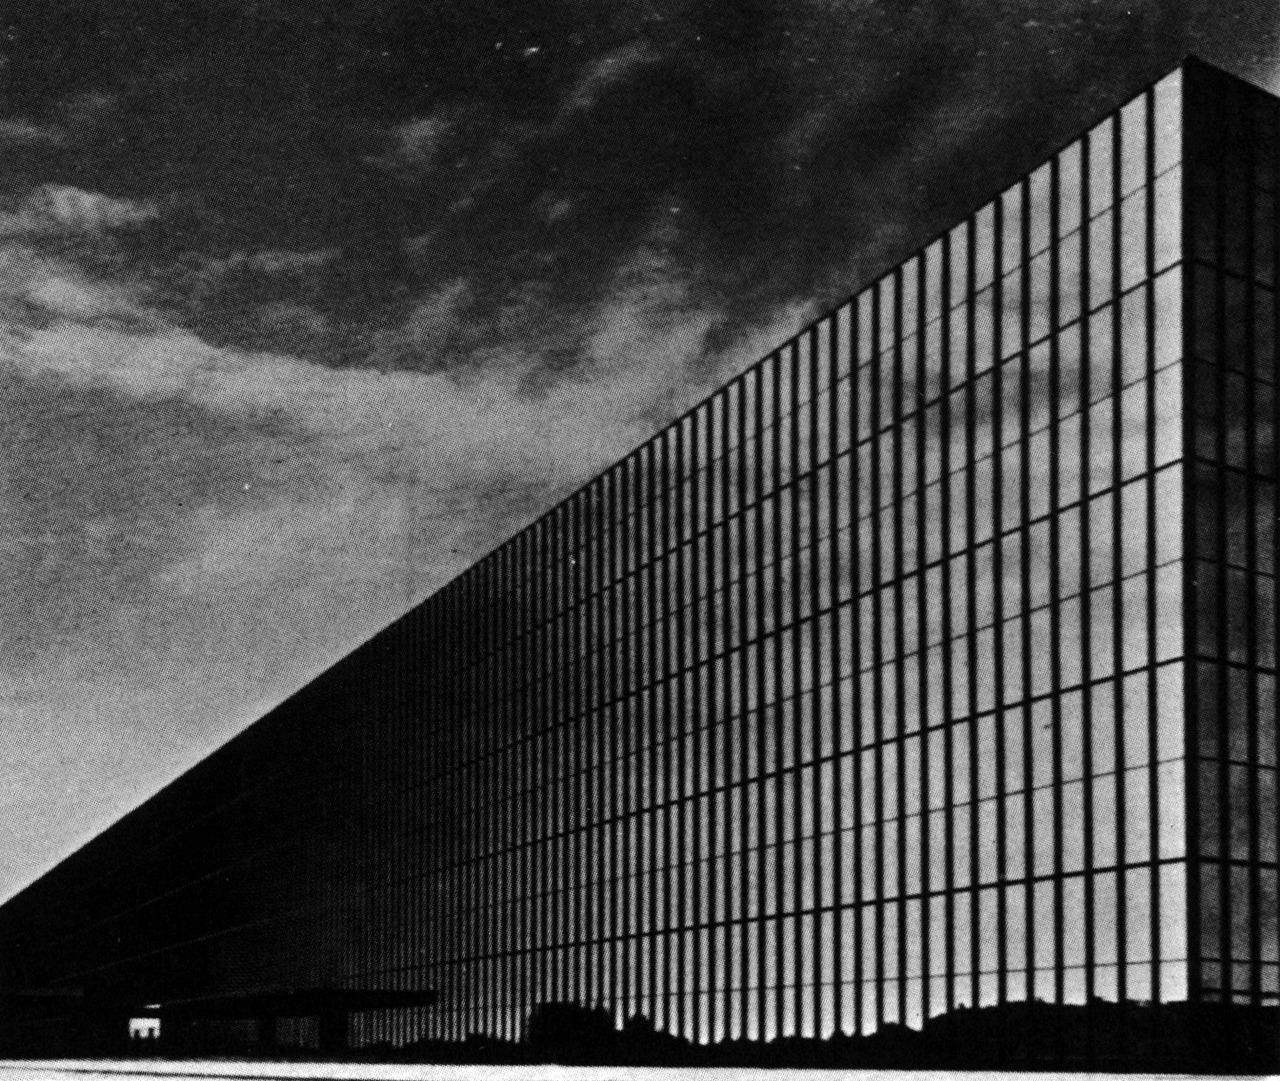 archiveofaffinities :      Eero Saarinen and Associates, Bell Telephone Laboratories, Holmdel, New Jersey, 1959- 1962